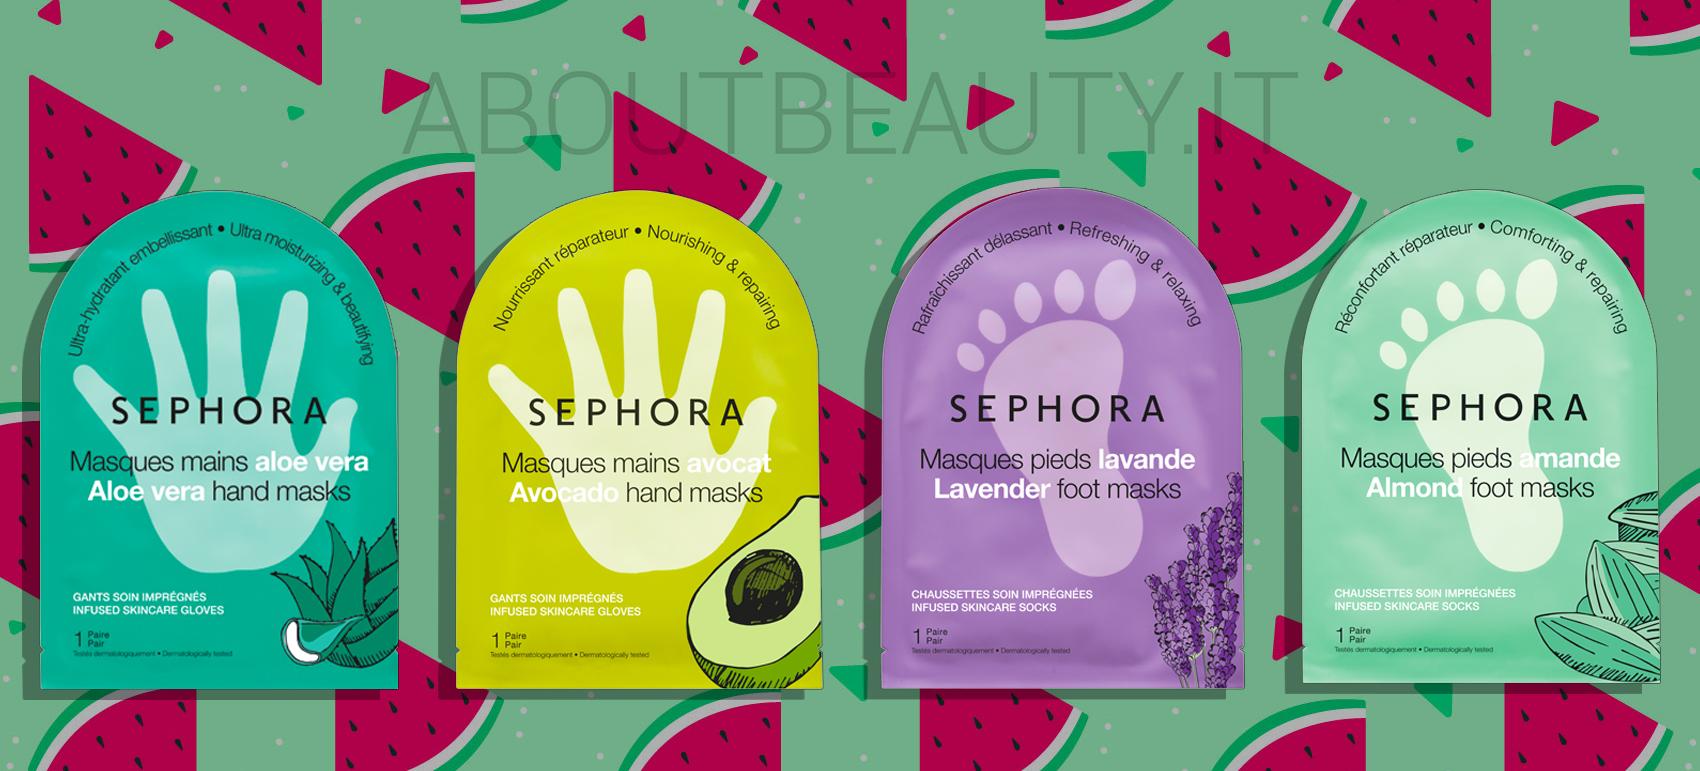 Pulizia del viso a casa con le novità Sephora Collection Skincare Estate 2018: le maschere mani e piedi - Review, recensione, opinioni, info, prezzo, dove acquistare